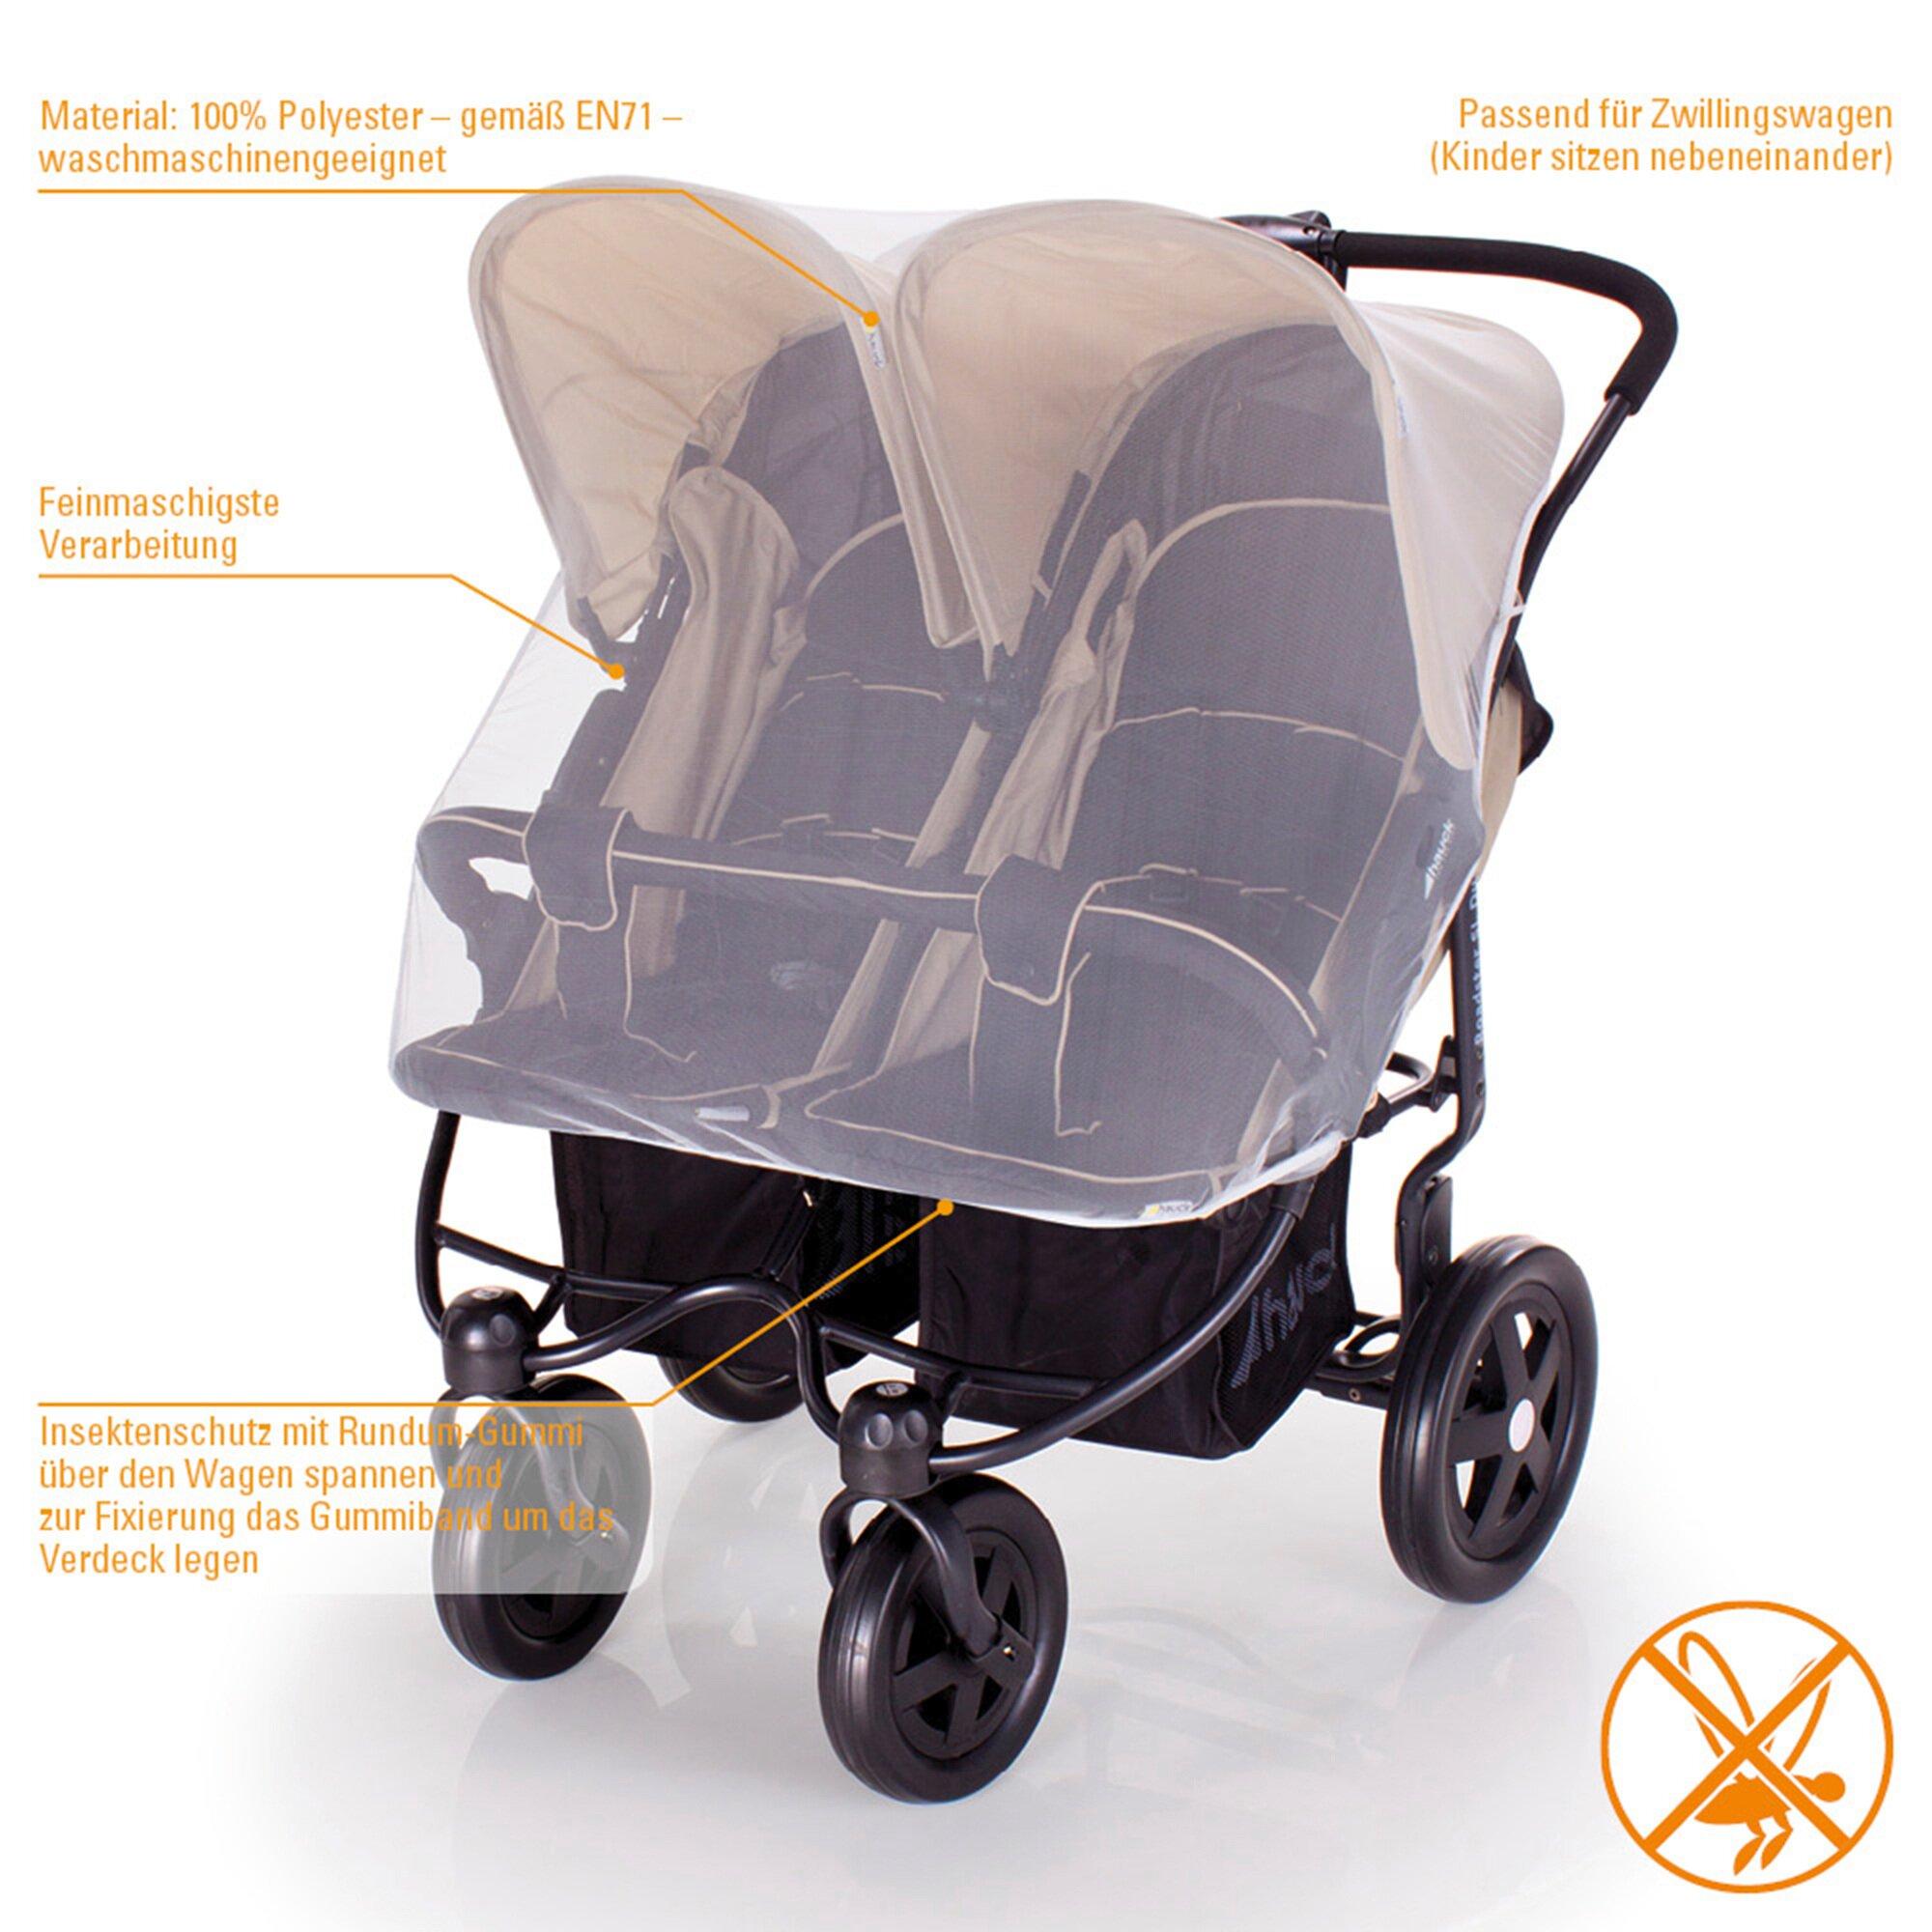 Diago Insektenschutz für Kinderwagen Zwillingswagen weiss